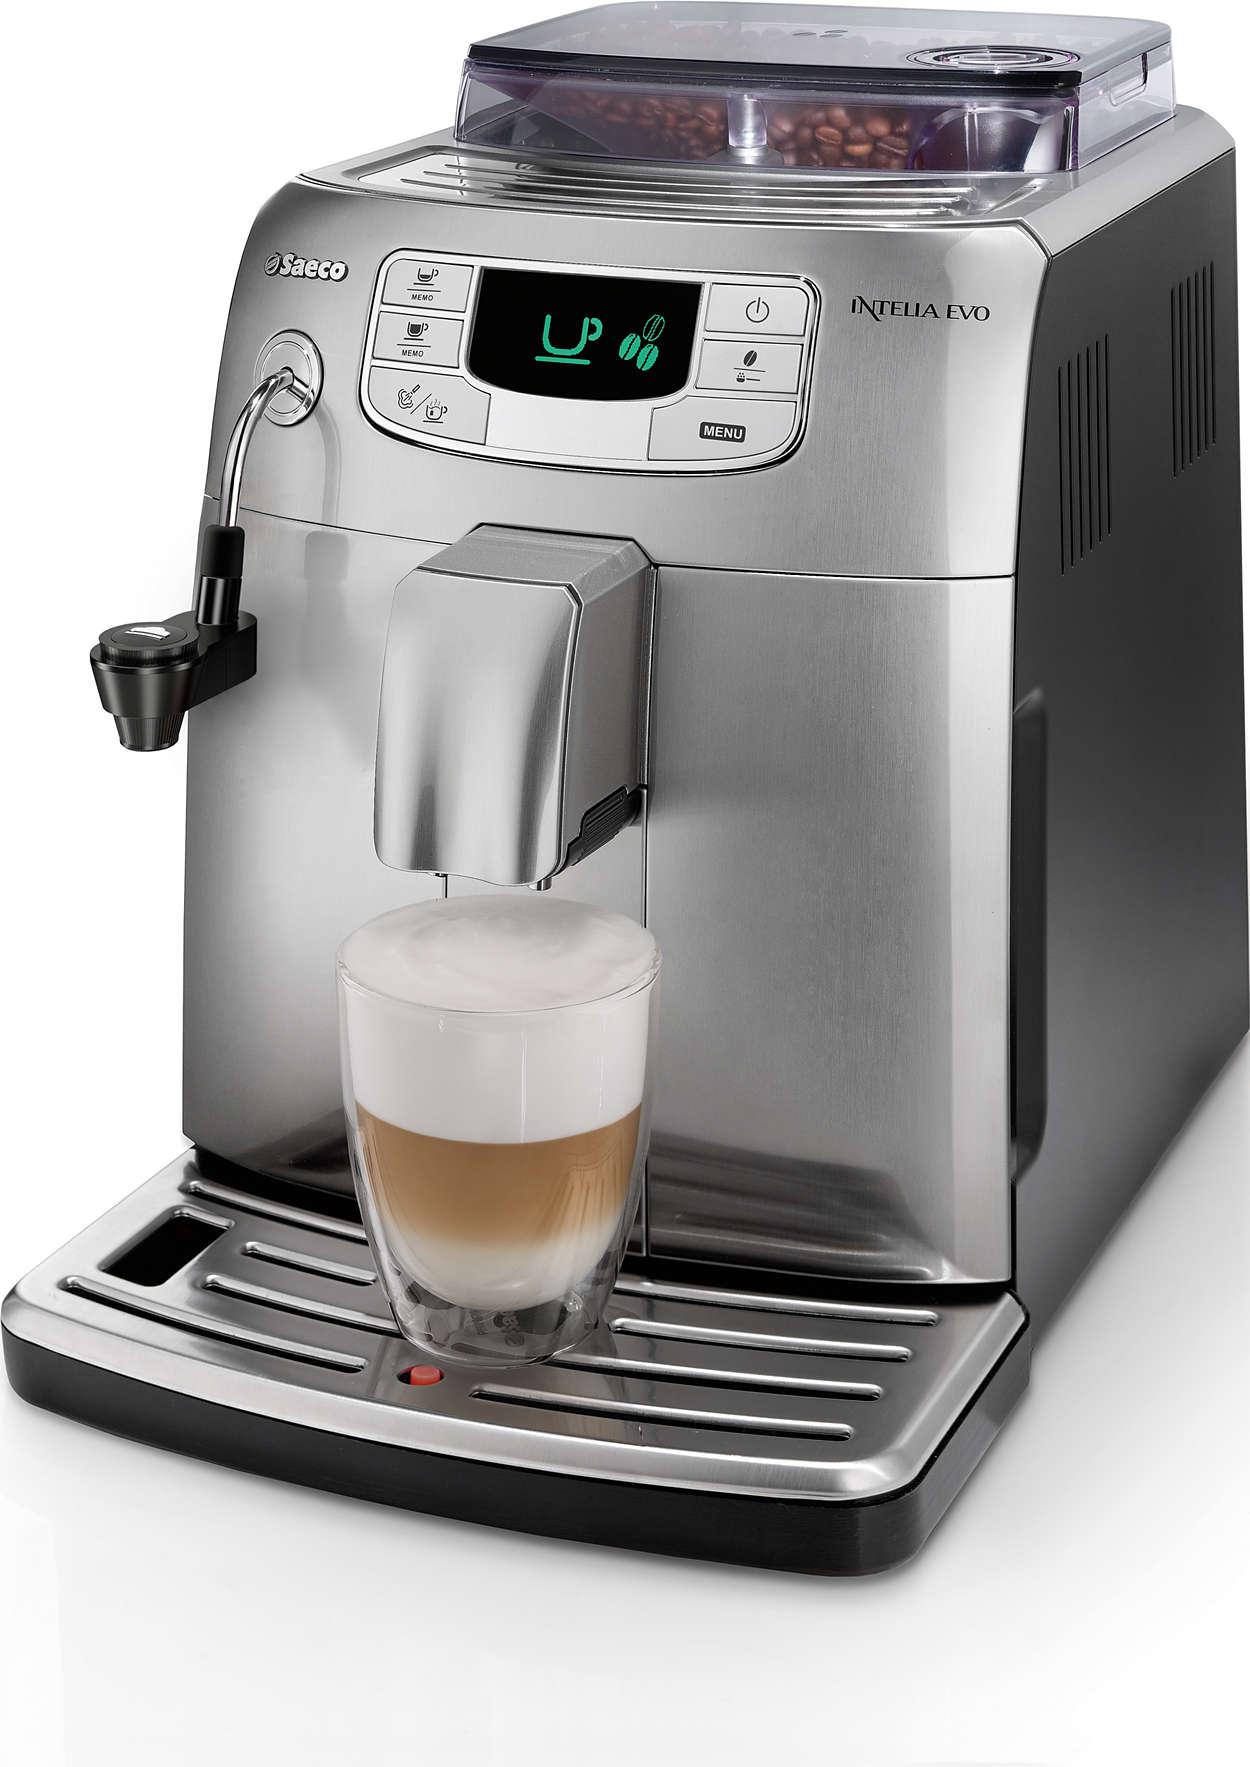 Espresso e crema di latte con un solo gesto